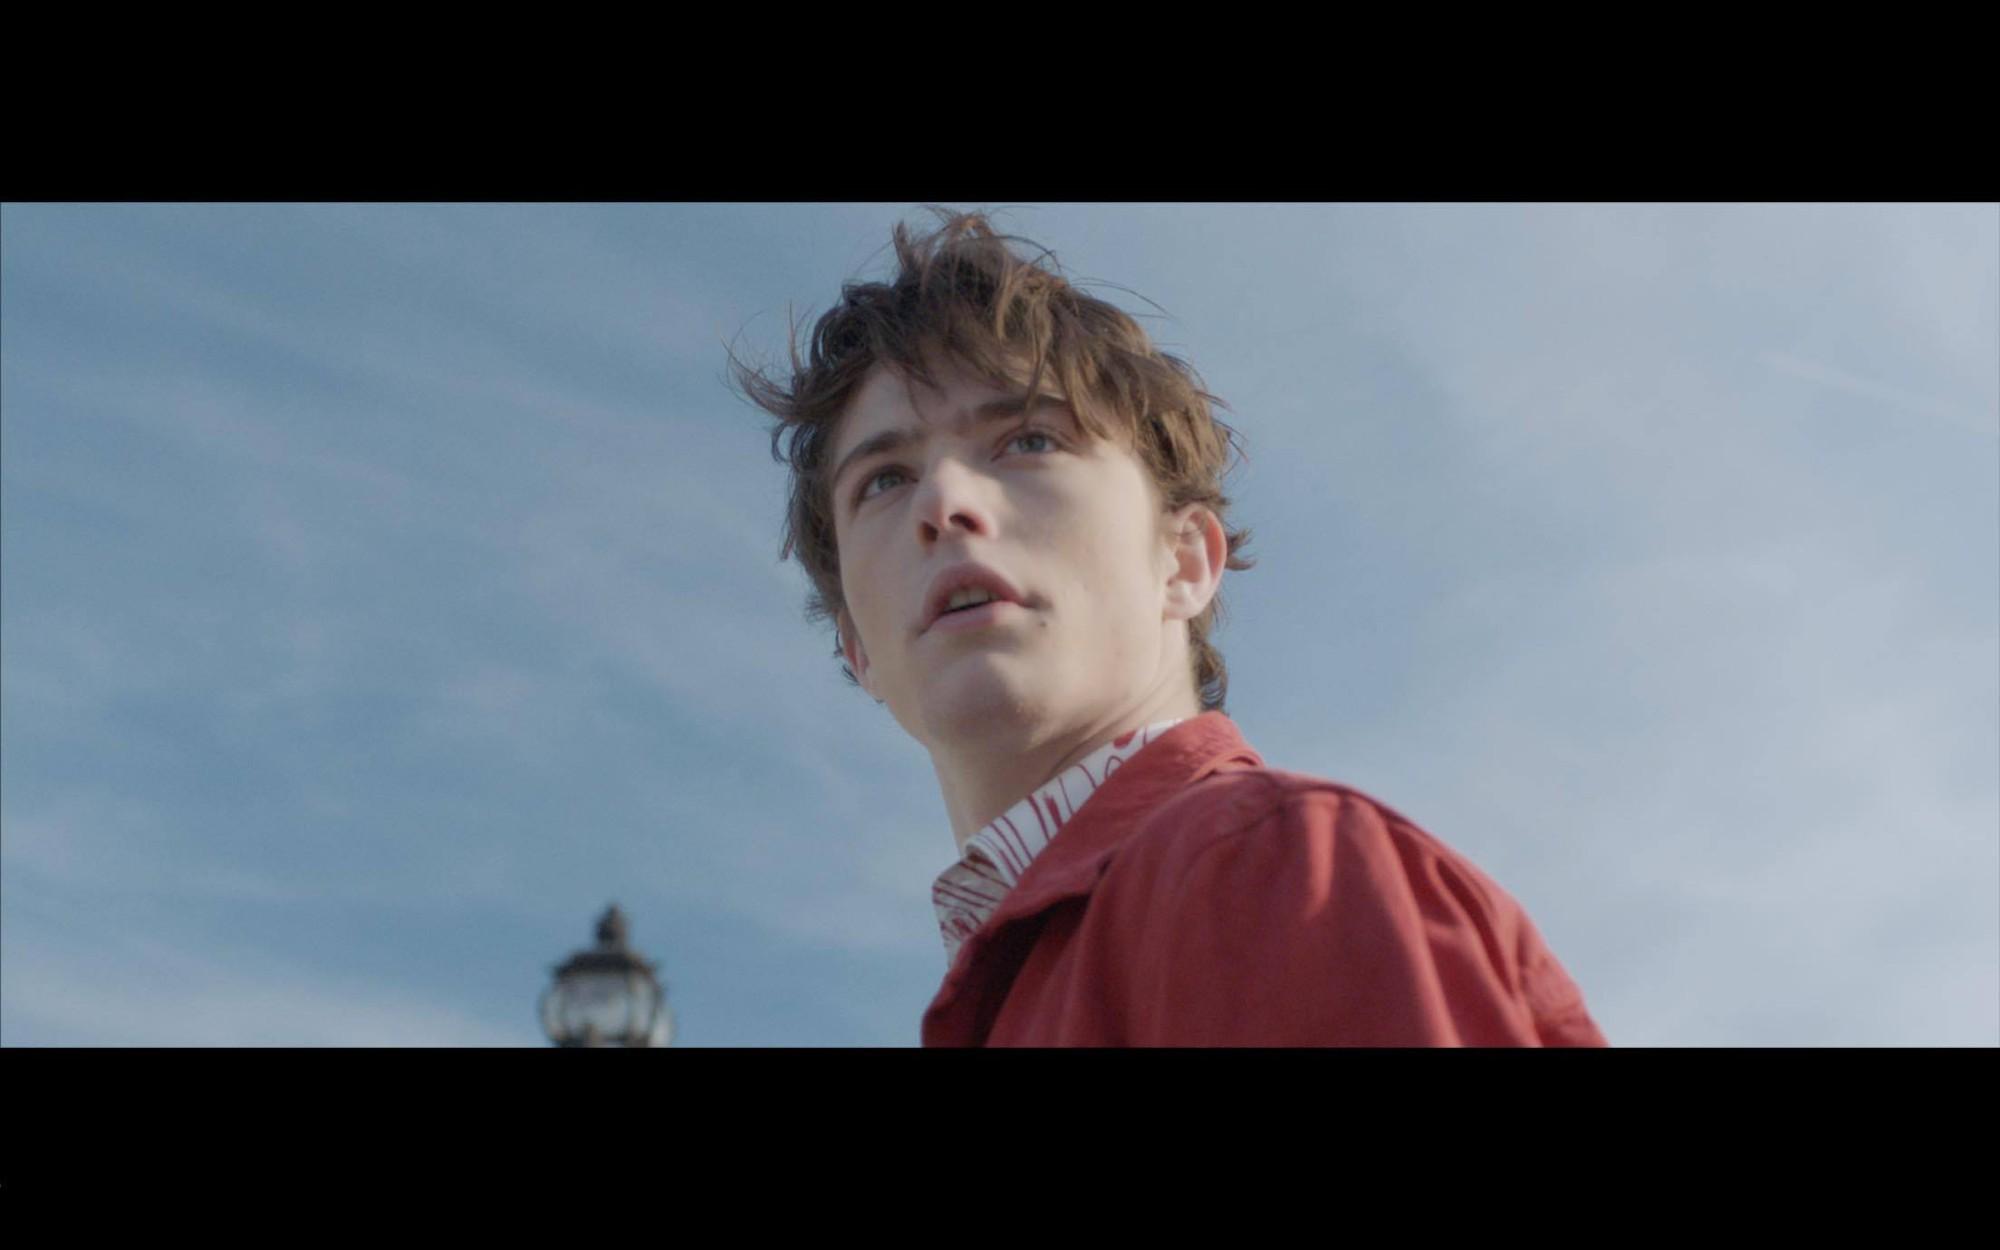 Soi ngay chàng trai Tây Ban Nha đẹp như tạc tượng khiến Min phải vật vã trong MV mới - Ảnh 5.